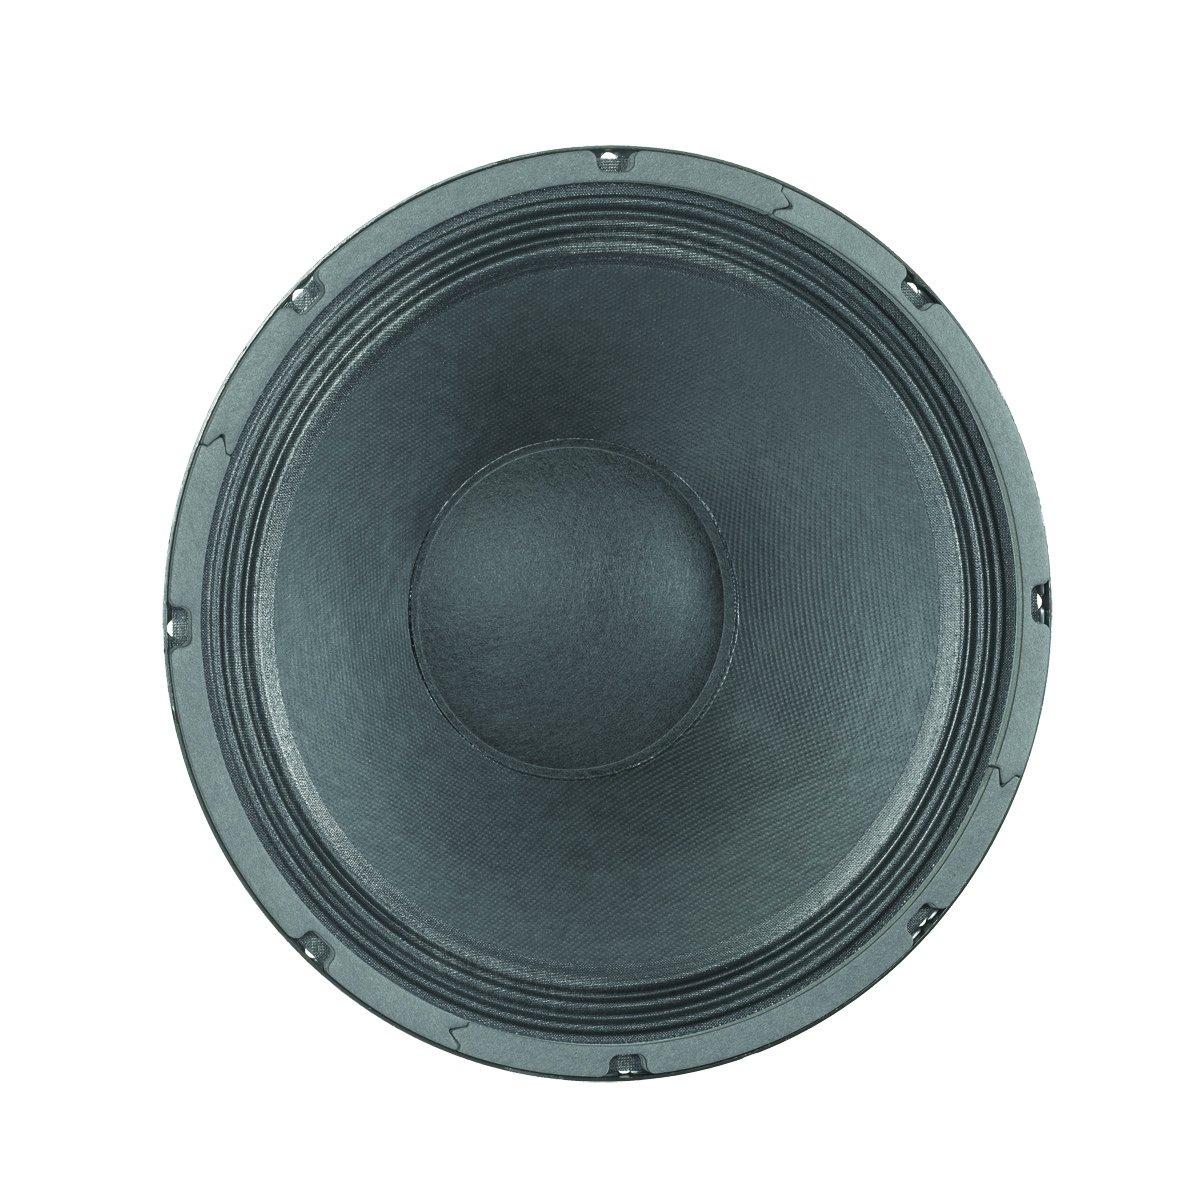 Delta 10A Guitar Speaker 10-Inch, 350-watt, 8 Ohms